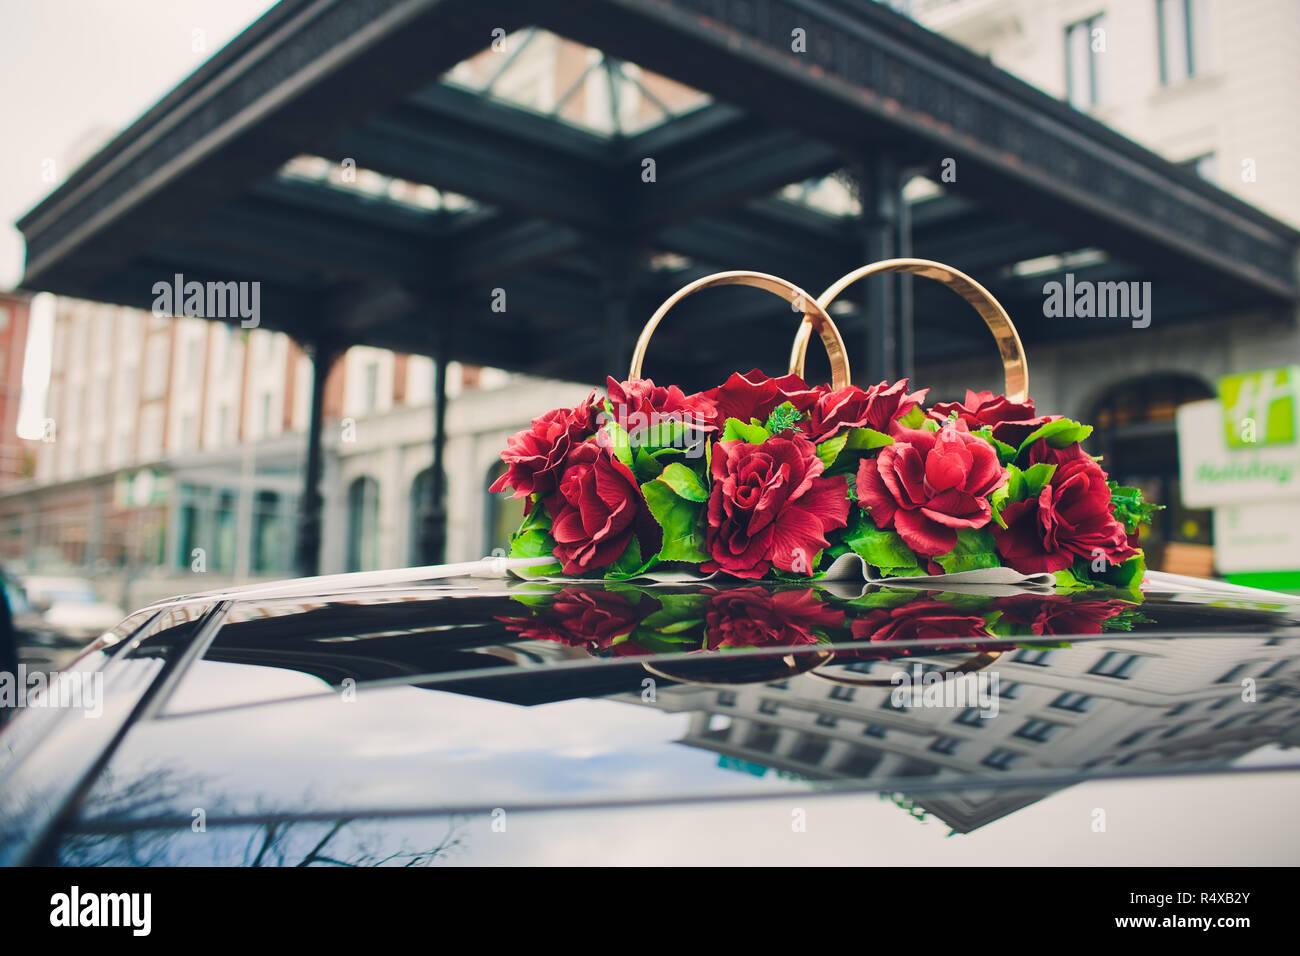 Schone Blumen Dekoration Auf Hochzeit Auto Motorhaube Mit See